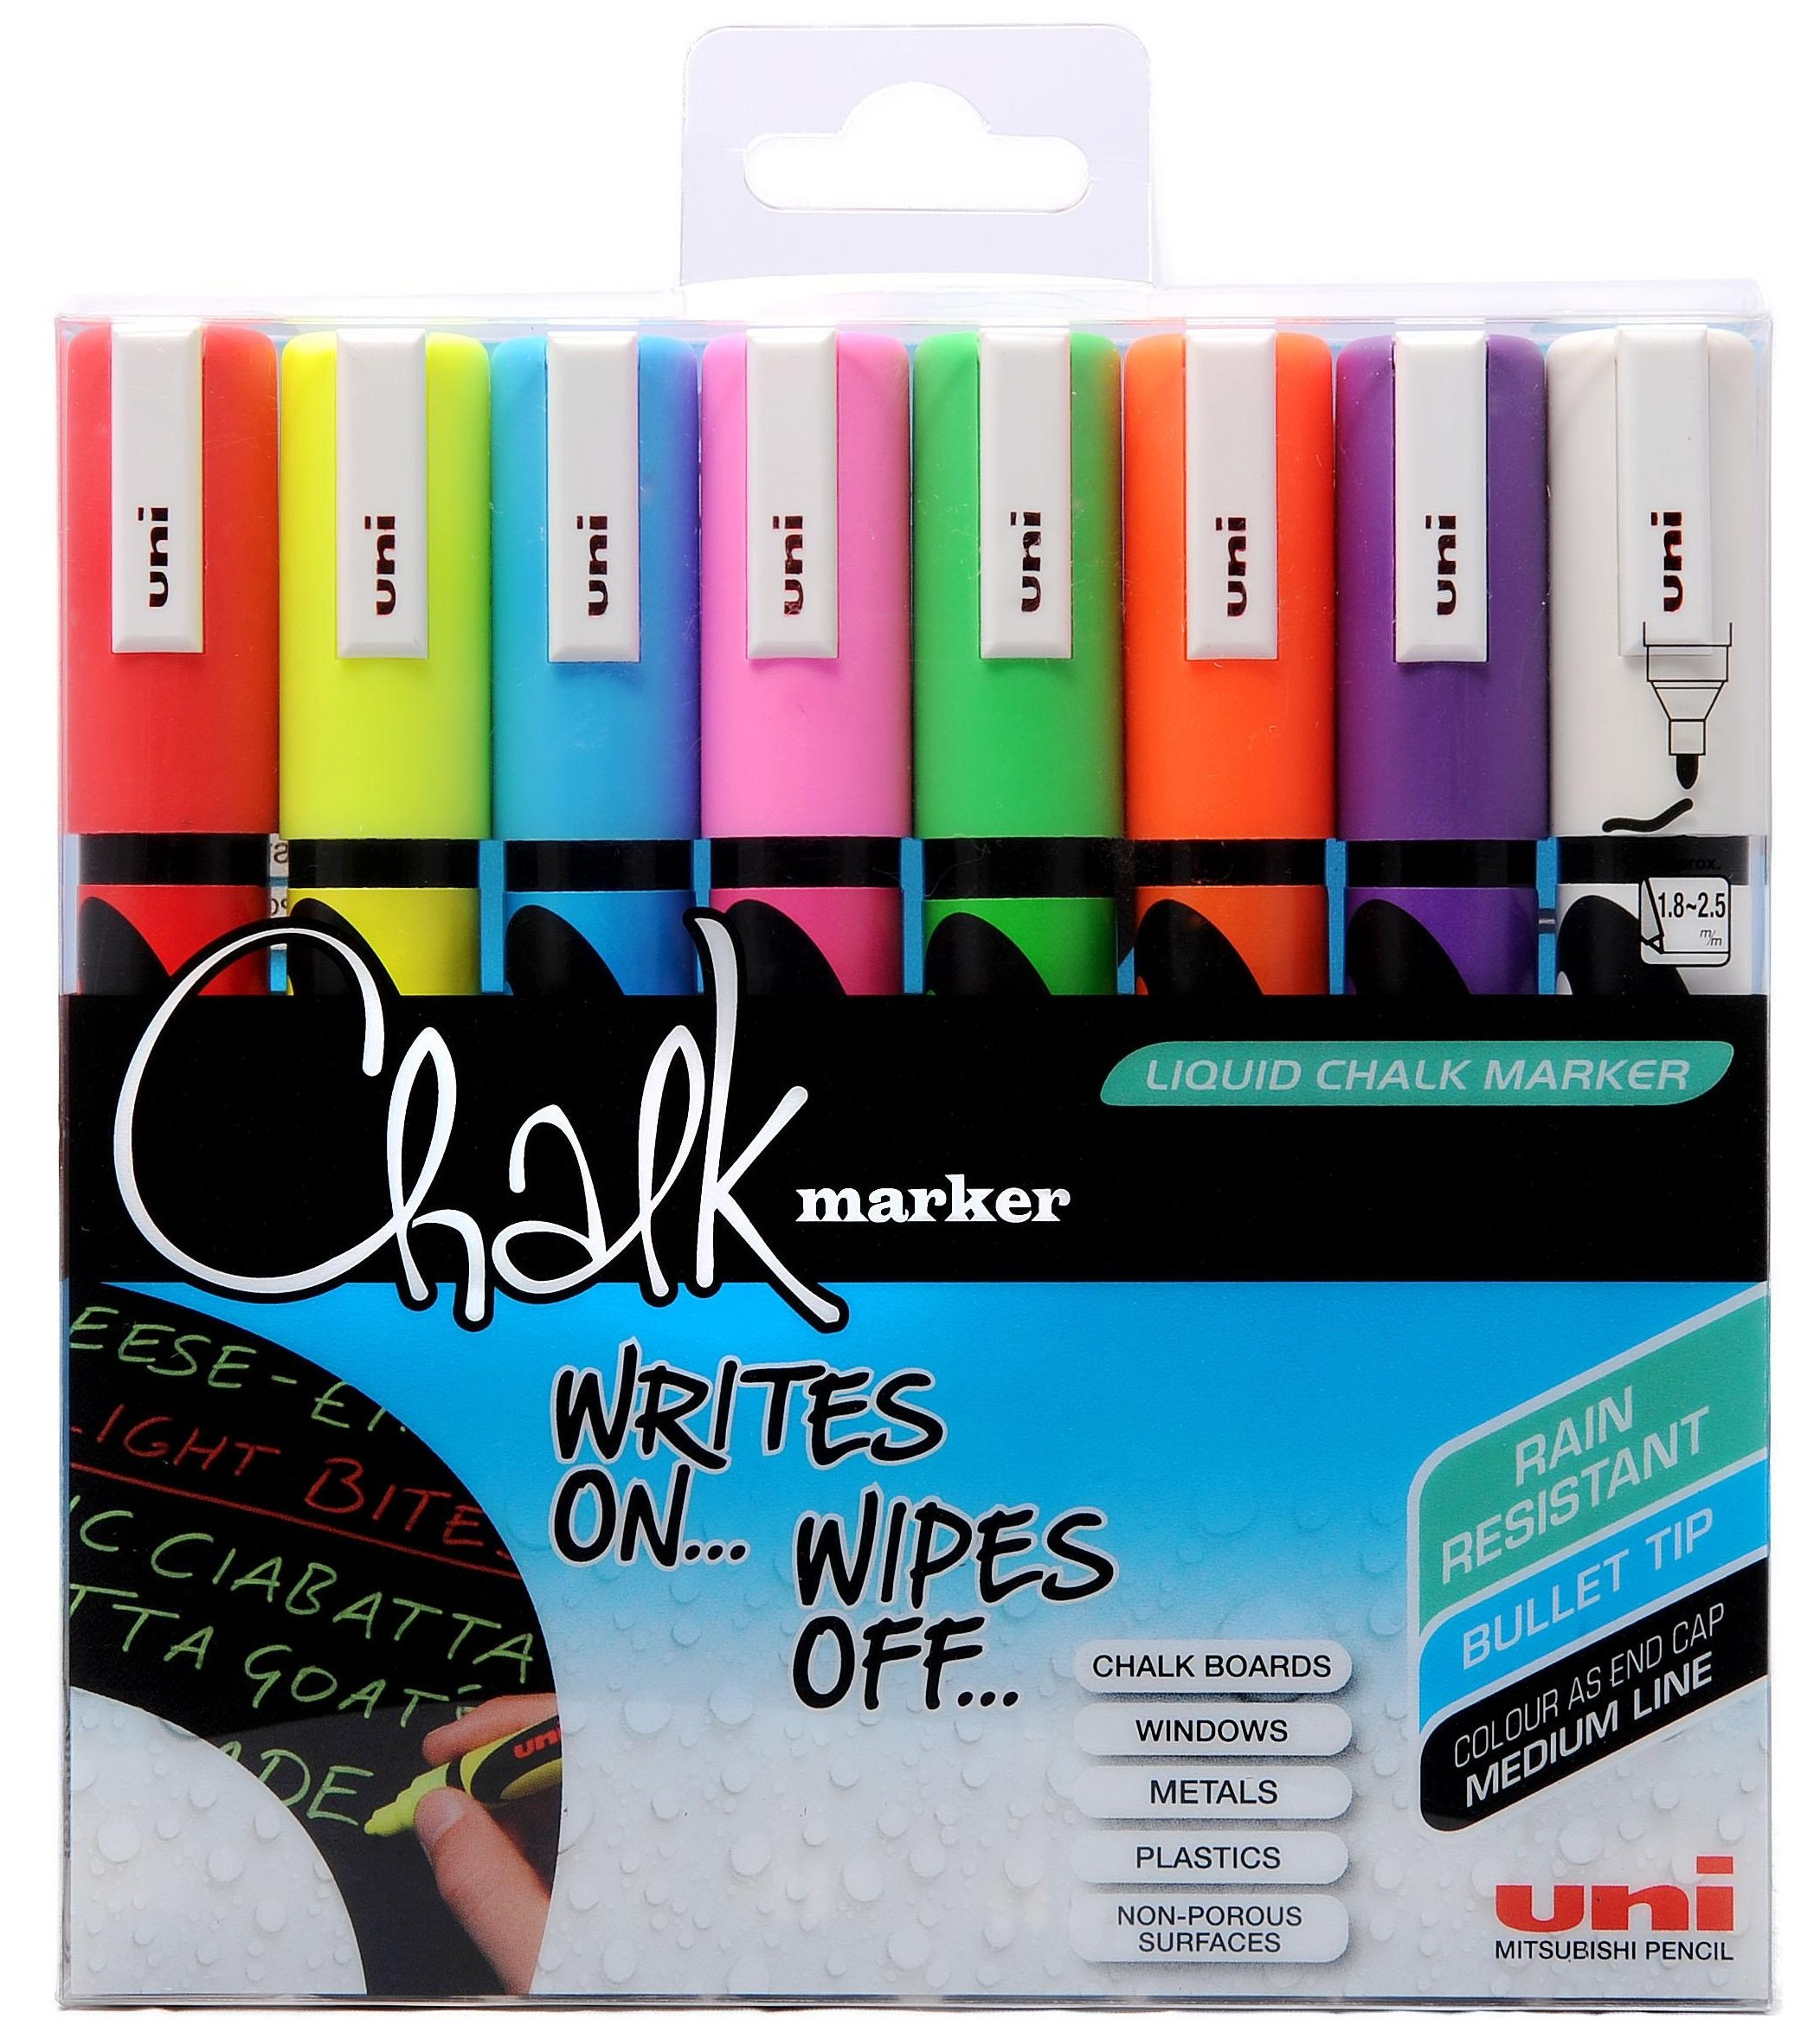 Uni - Chalkmarker 5M - Assorted colors, 8 pc